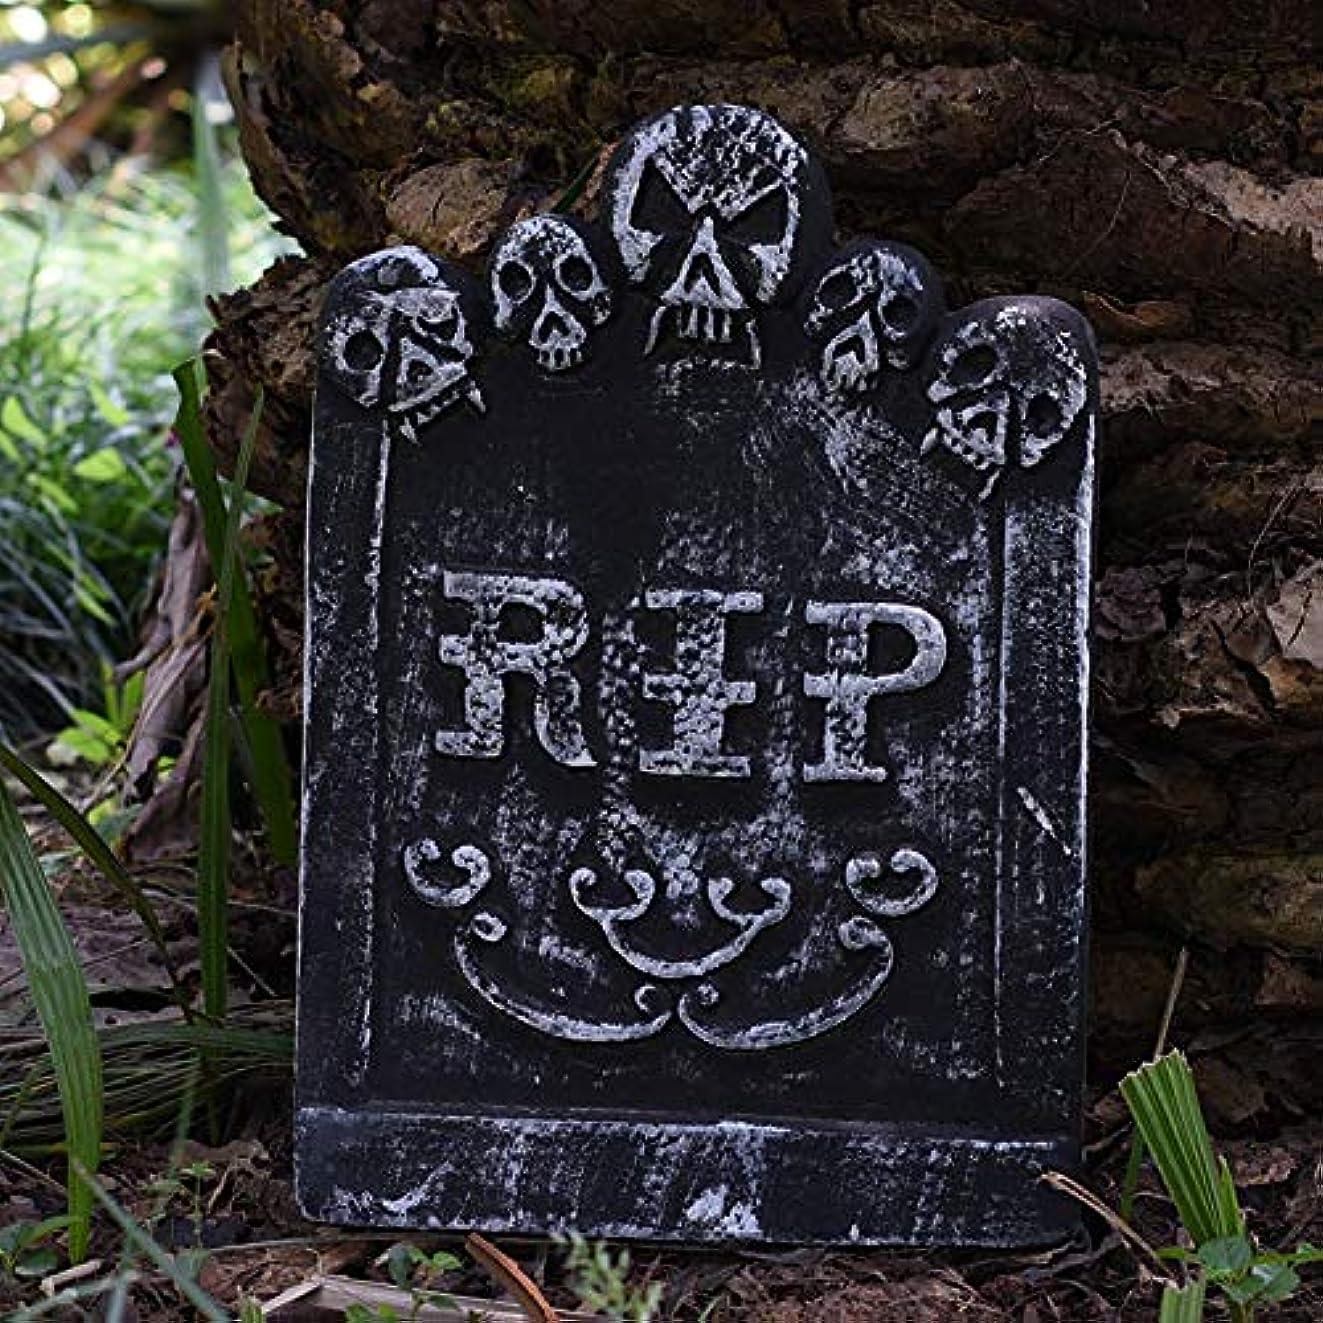 検体キリスト教チャーミングETRRUU HOME ハロウィン墓の小道具ステレオ墓石お化け屋敷バールームエスケープタトゥーショップの装飾